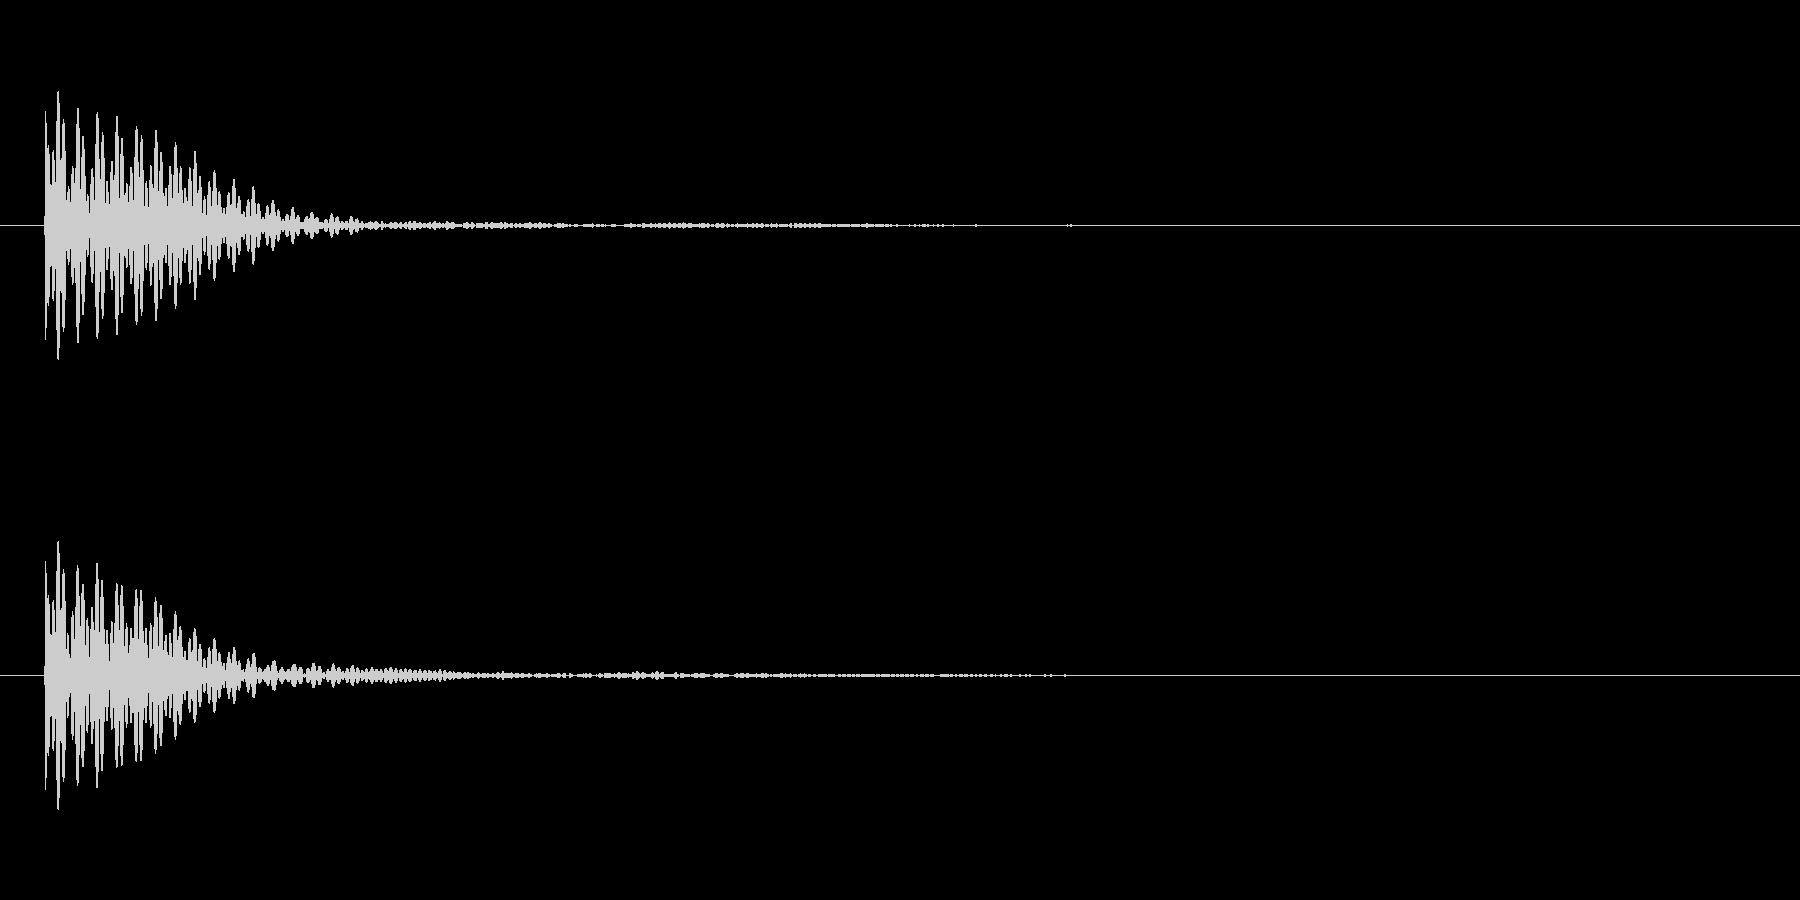 ポン カーソル音 タップ音 D#-17_の未再生の波形